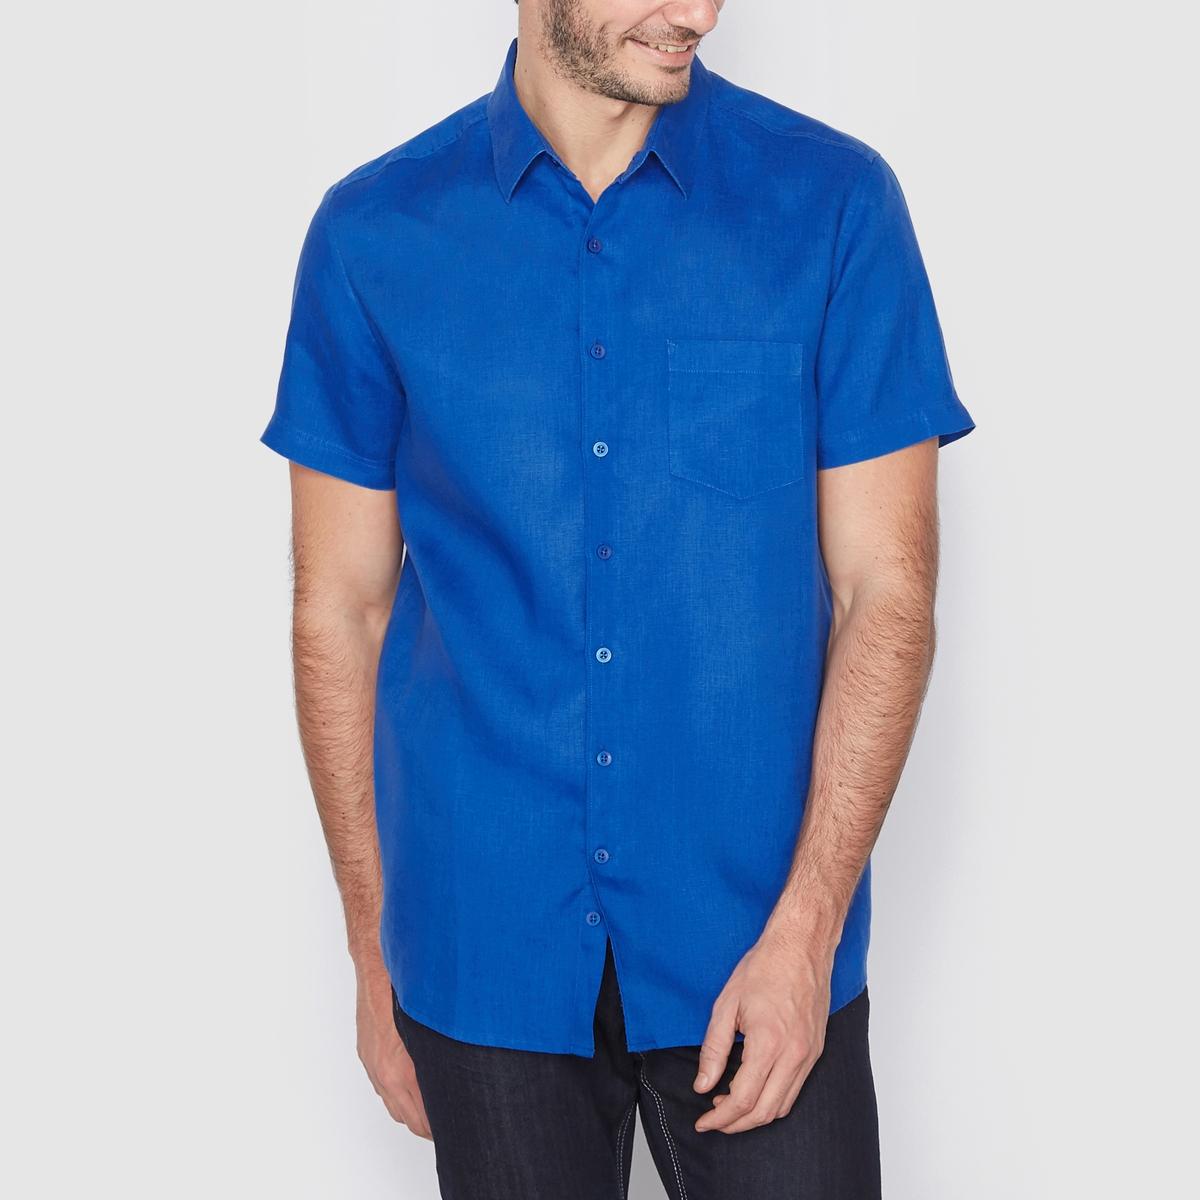 Рубашка прямого покроя с короткими рукавами, 100% ленРубашка, 100% лен. Прямой покрой. Воротник со свободными уголками. Короткие рукава. Длина 77 см.<br><br>Цвет: малиновый,оранжевый меланж,синий<br>Размер: 37/38